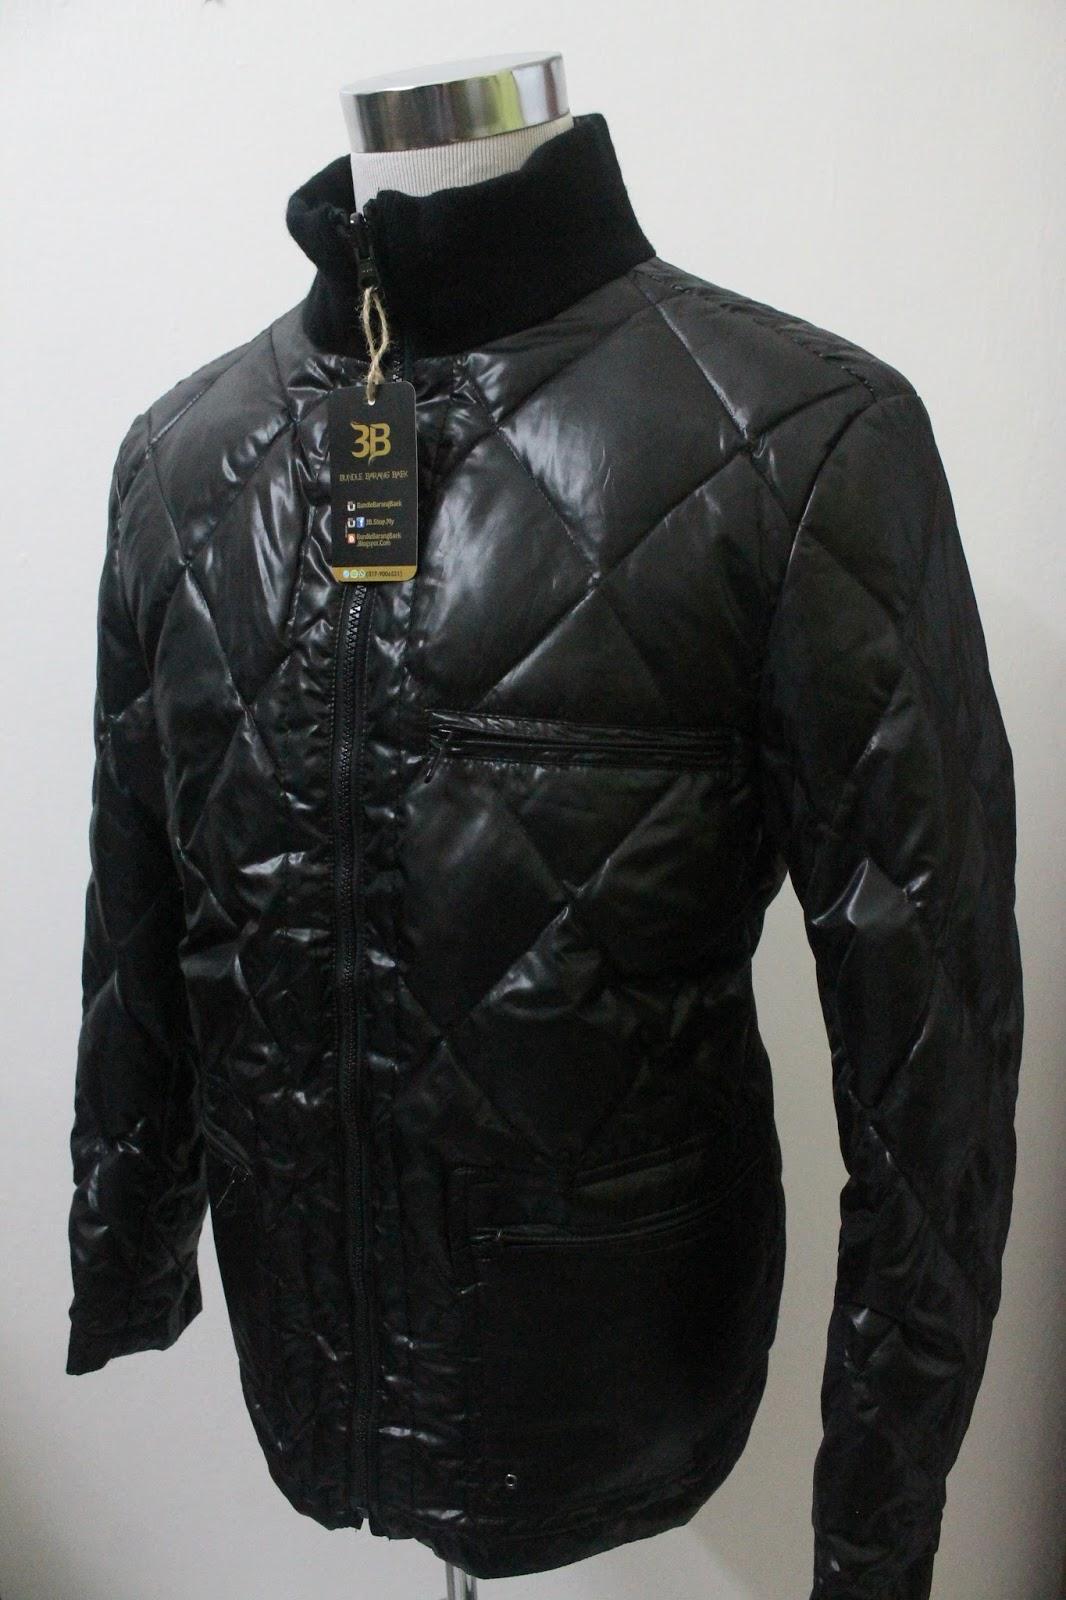 bundlebarangbaek uniqlo reversible winter jacket for men. Black Bedroom Furniture Sets. Home Design Ideas